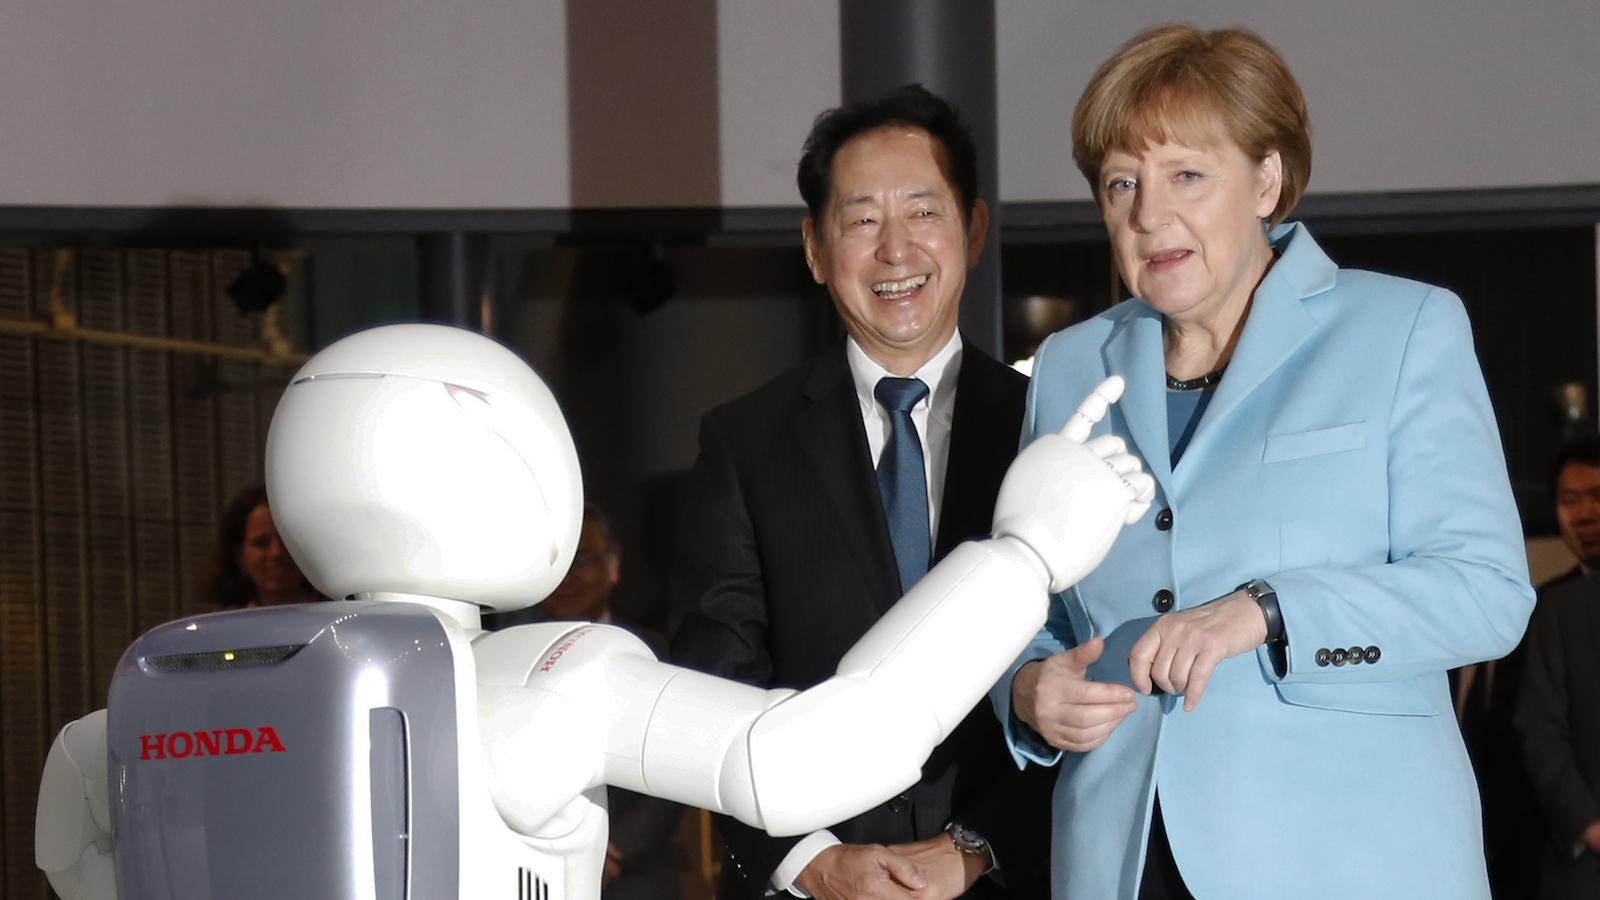 angela merkel and robot asimo